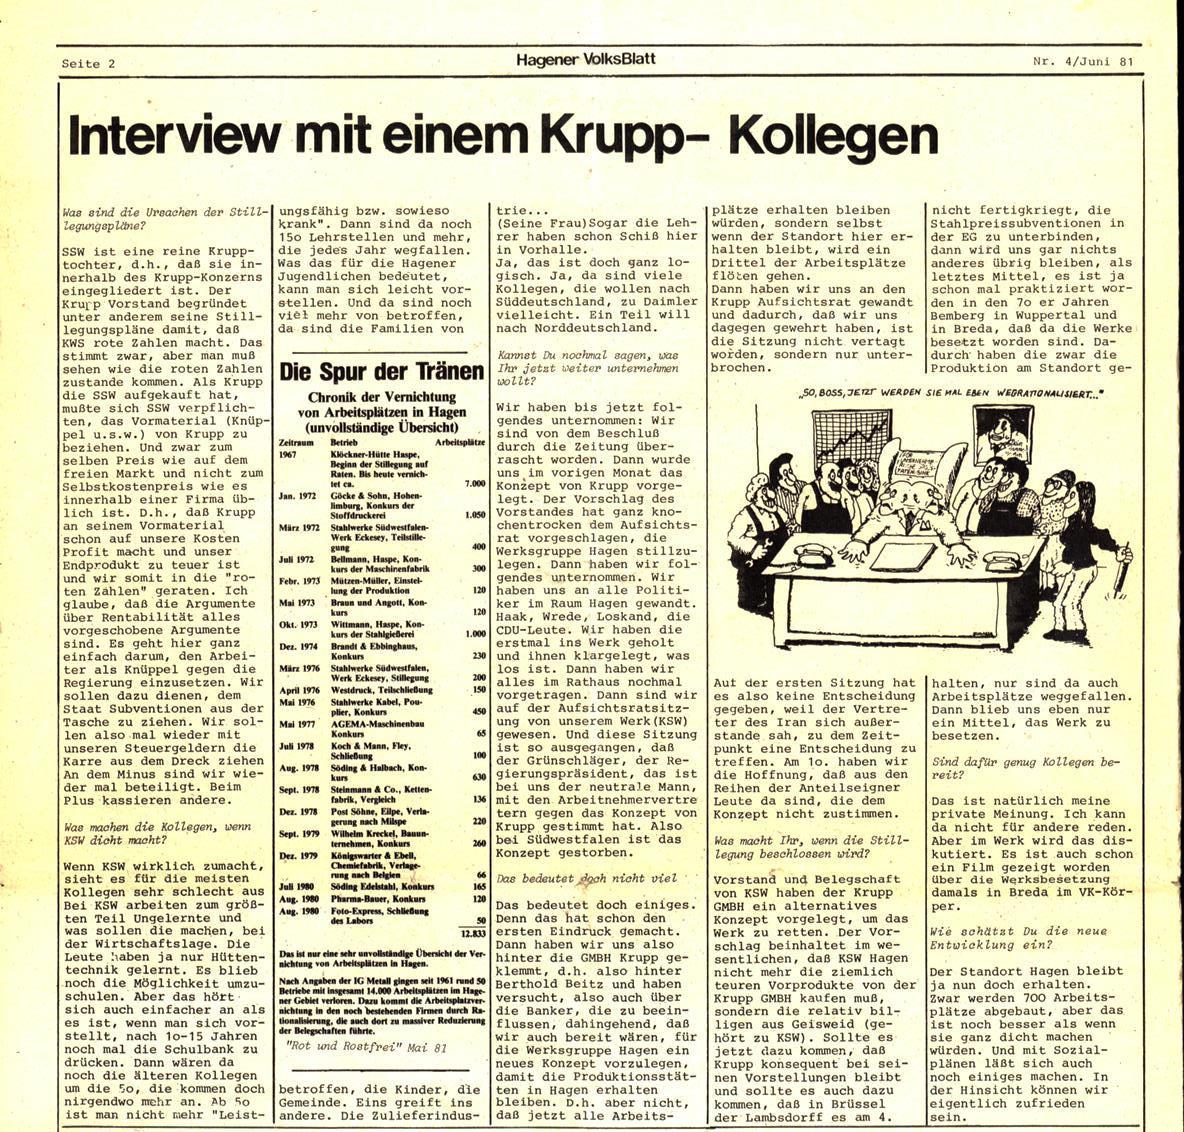 Hagen_Volksblatt_19810600_03